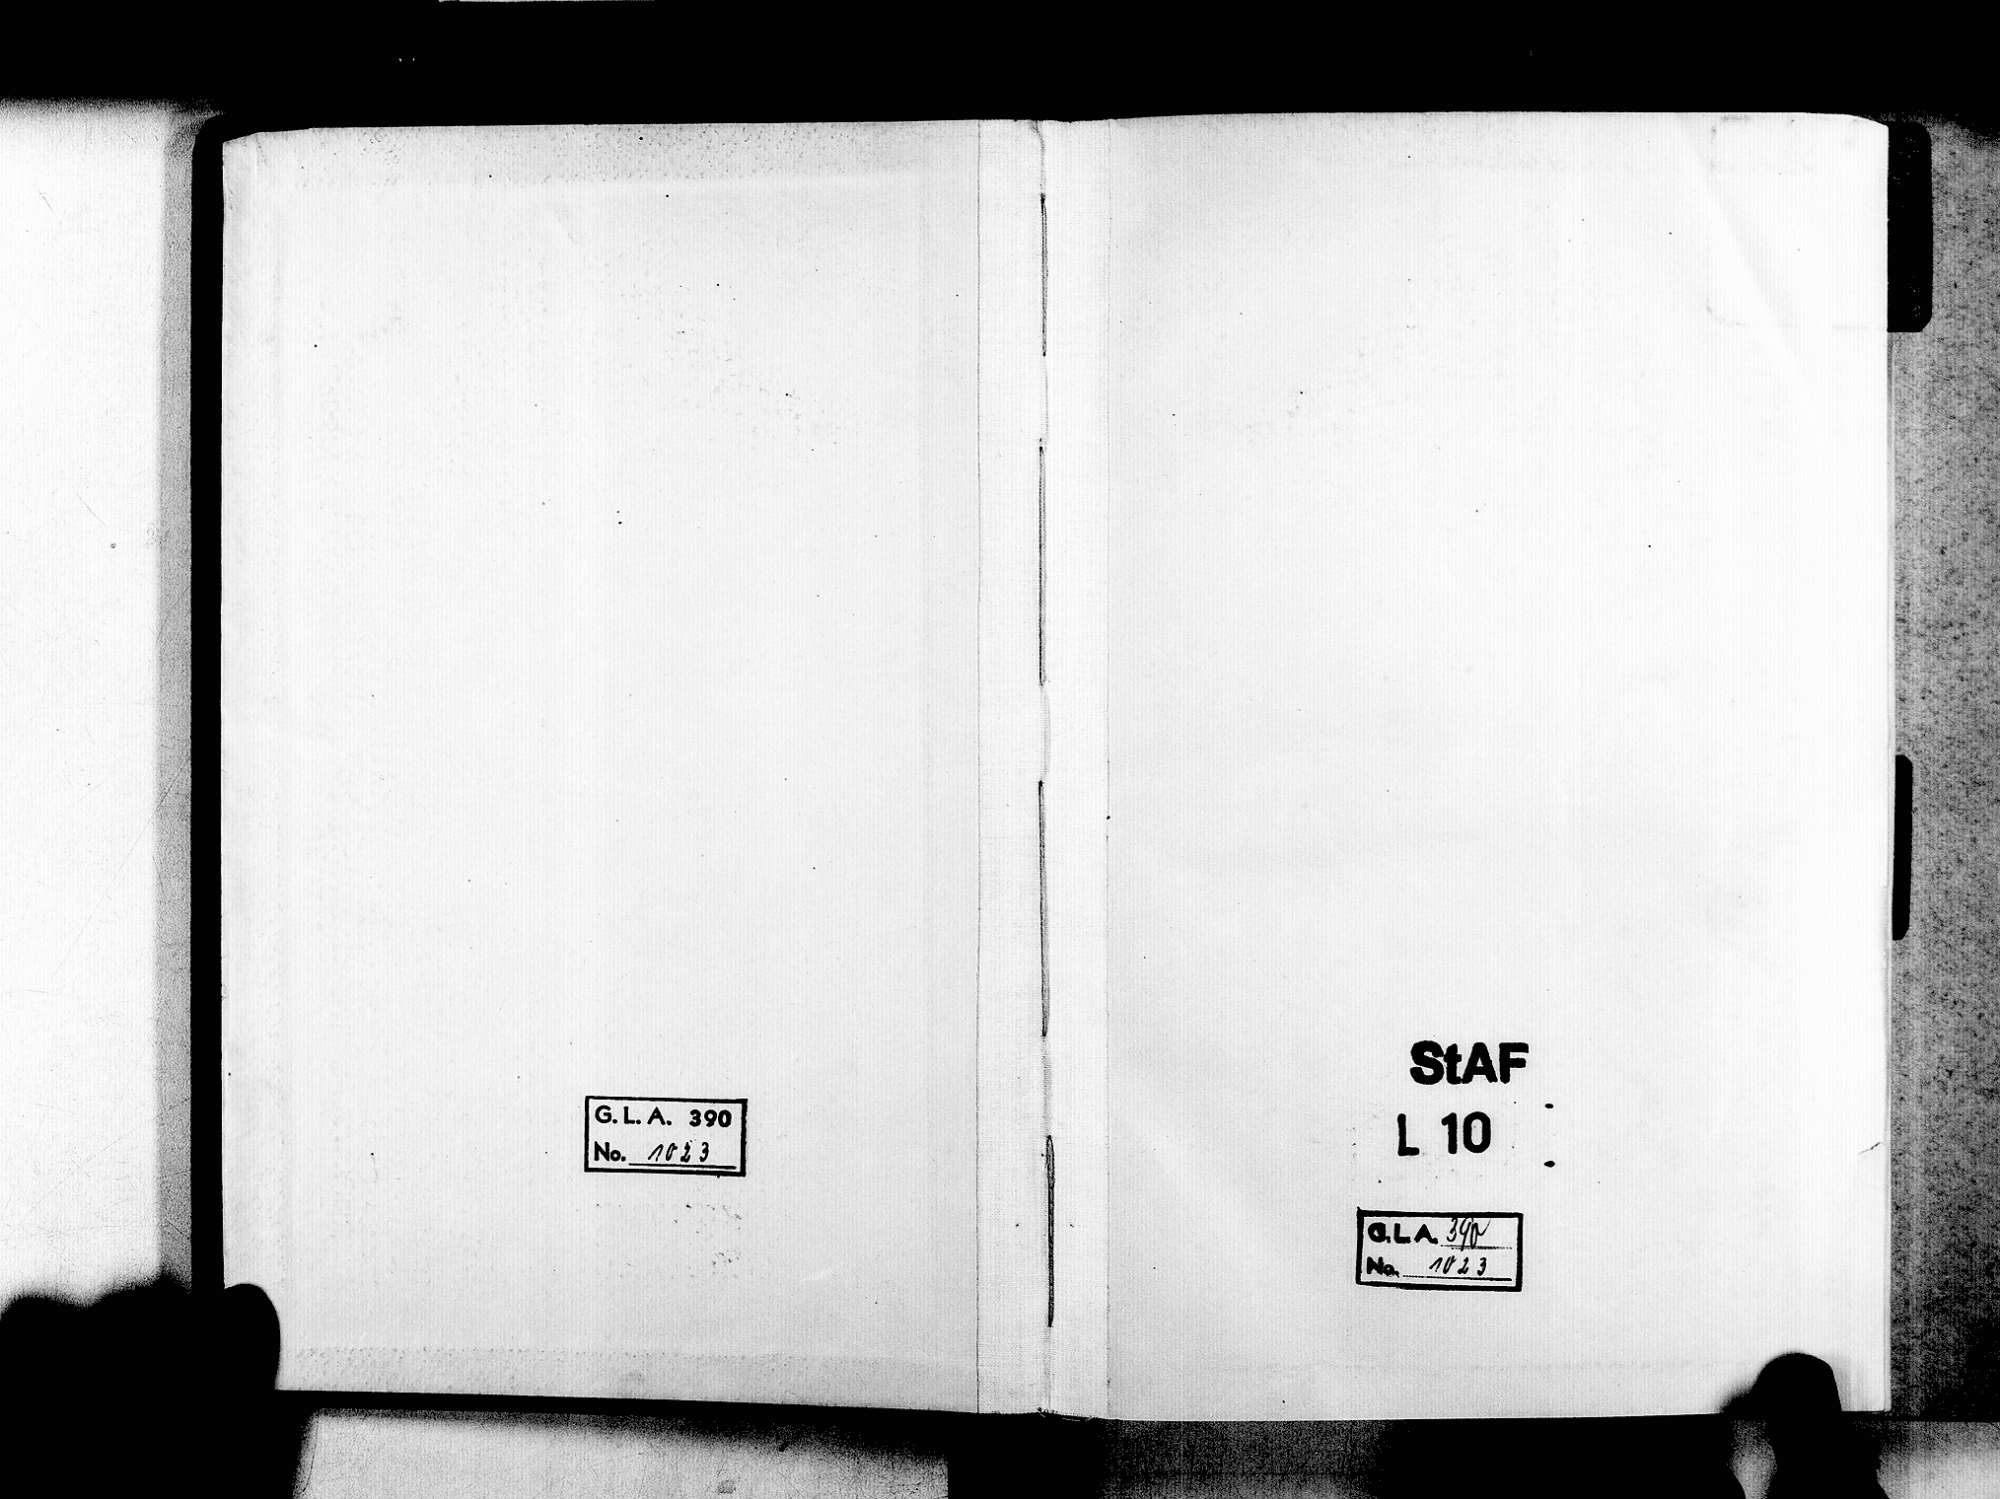 Unadingen, Löffingen FR; Katholische Gemeinde: Heiratsbuch 1810-1870 Unadingen, Löffingen FR; Katholische Gemeinde: Sterbebuch 1810-1870, Bild 3